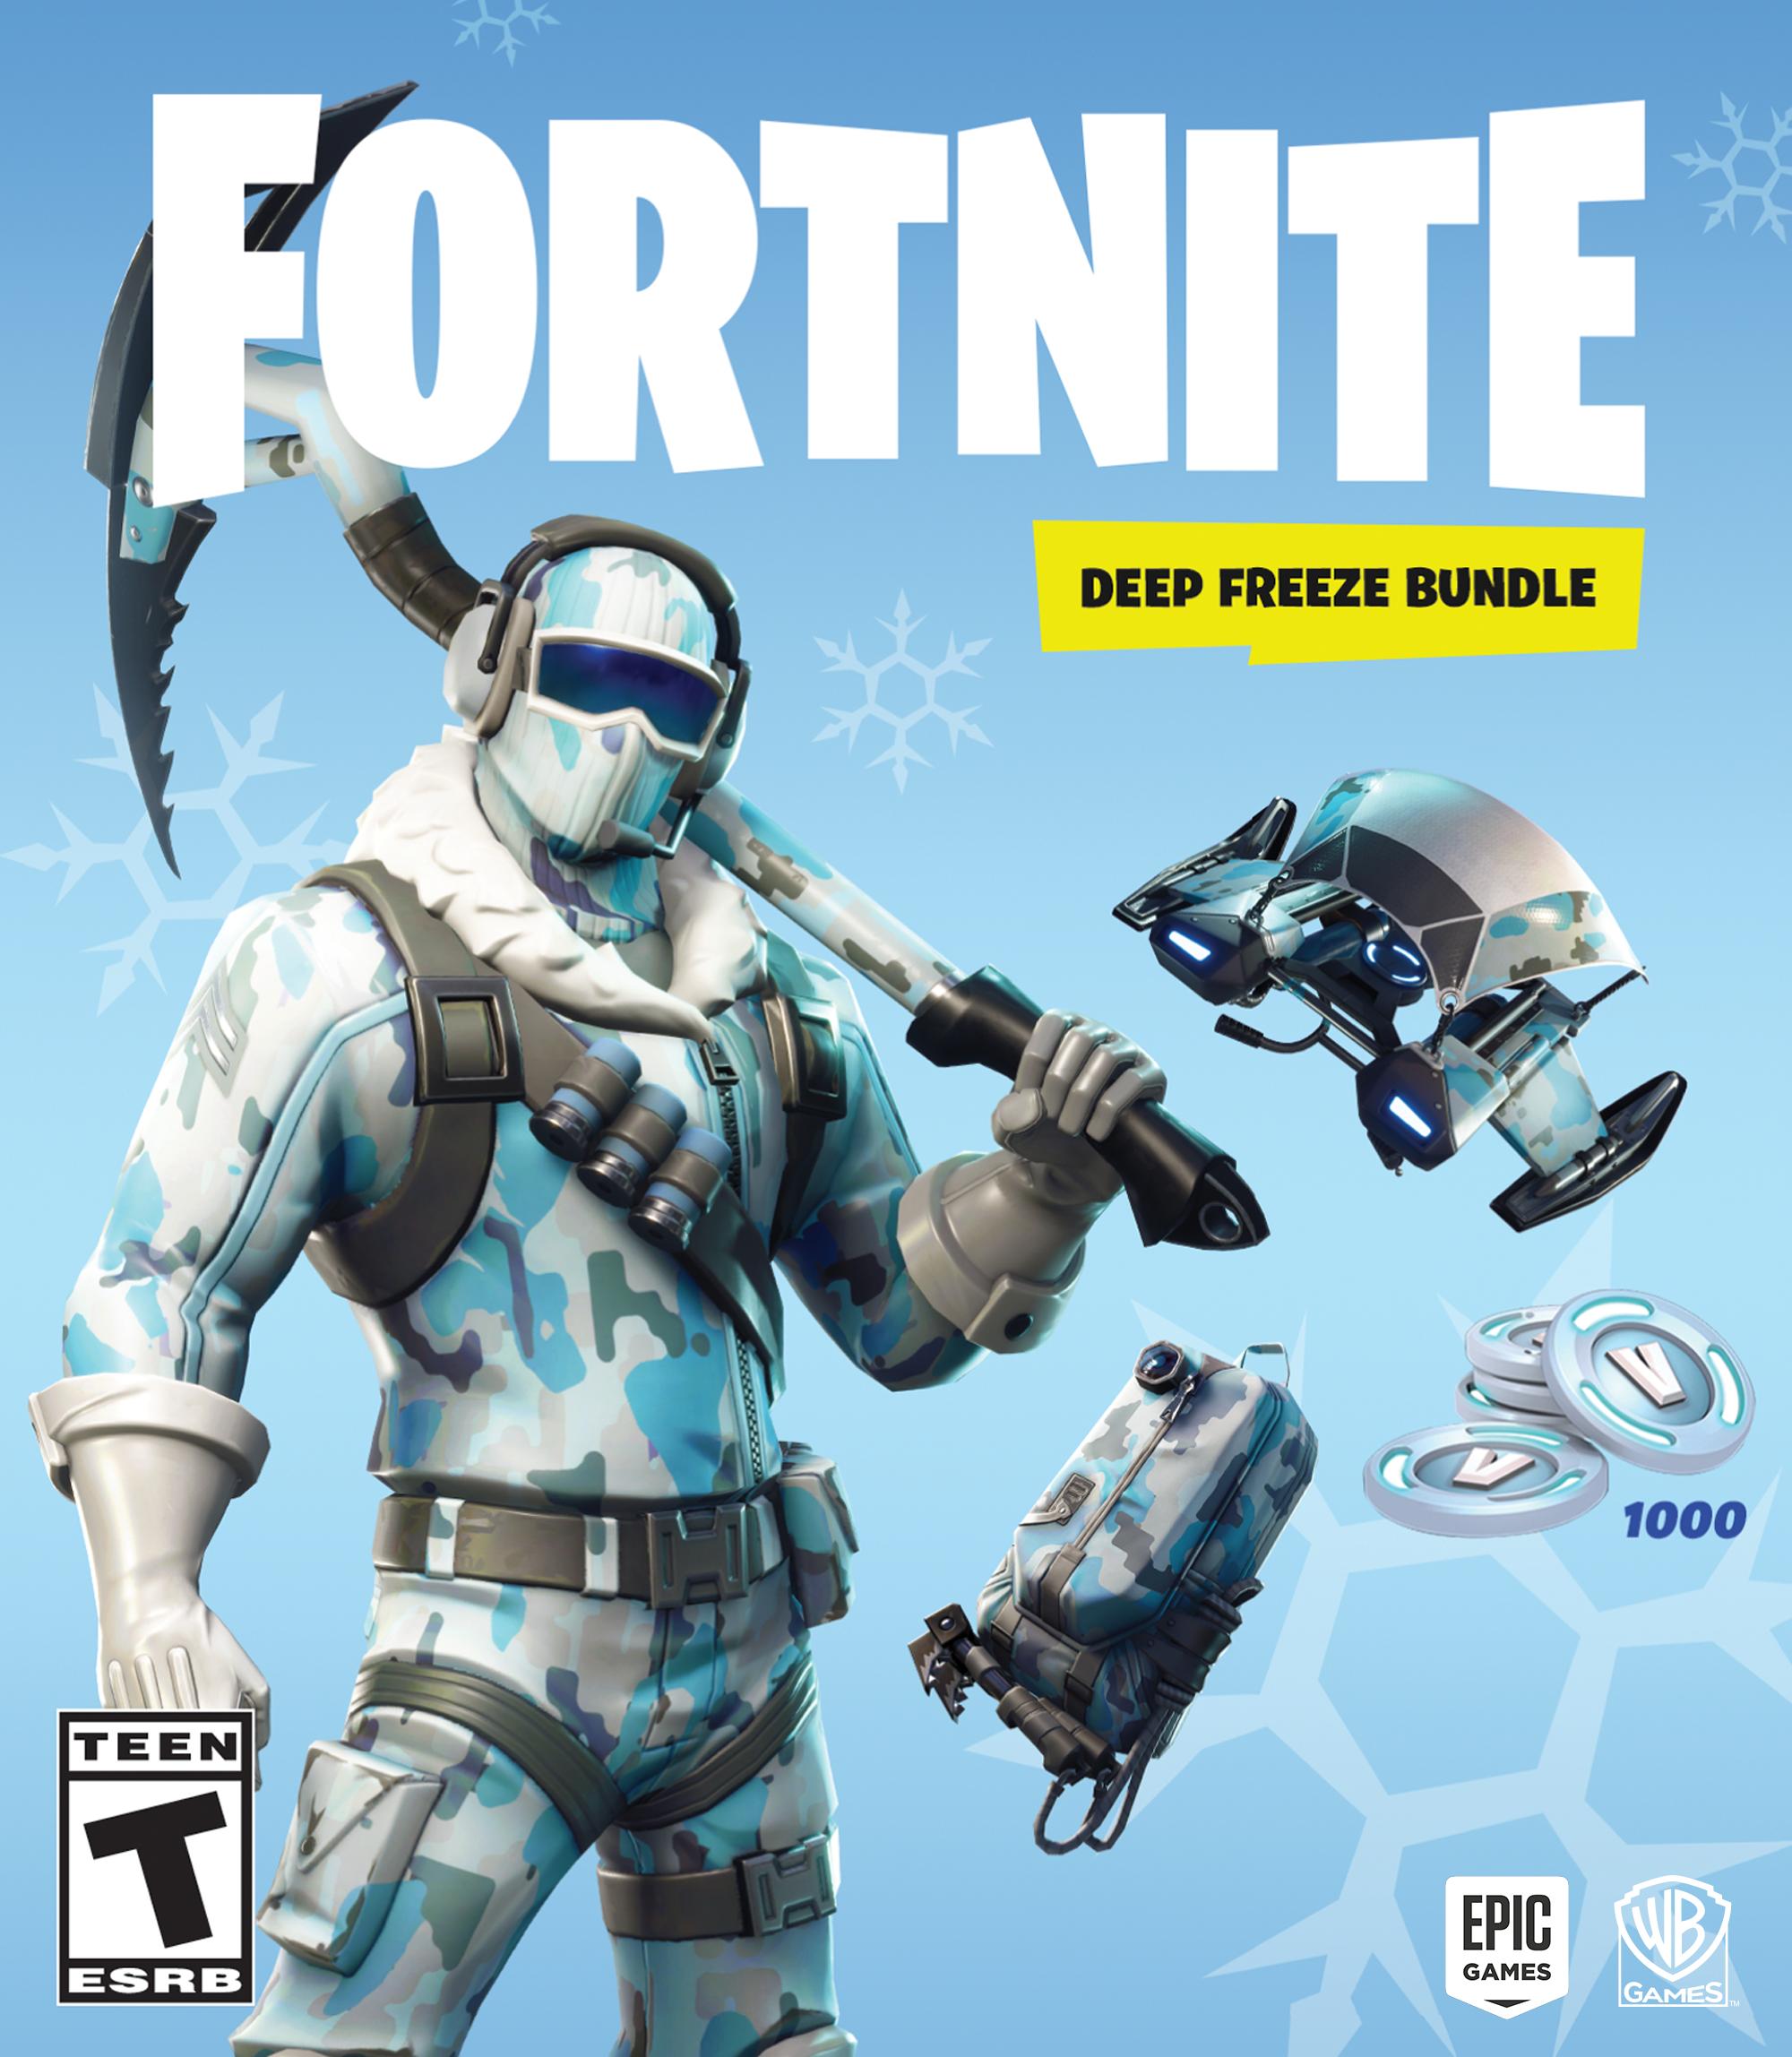 Fortnite Deep Freeze Bundle art